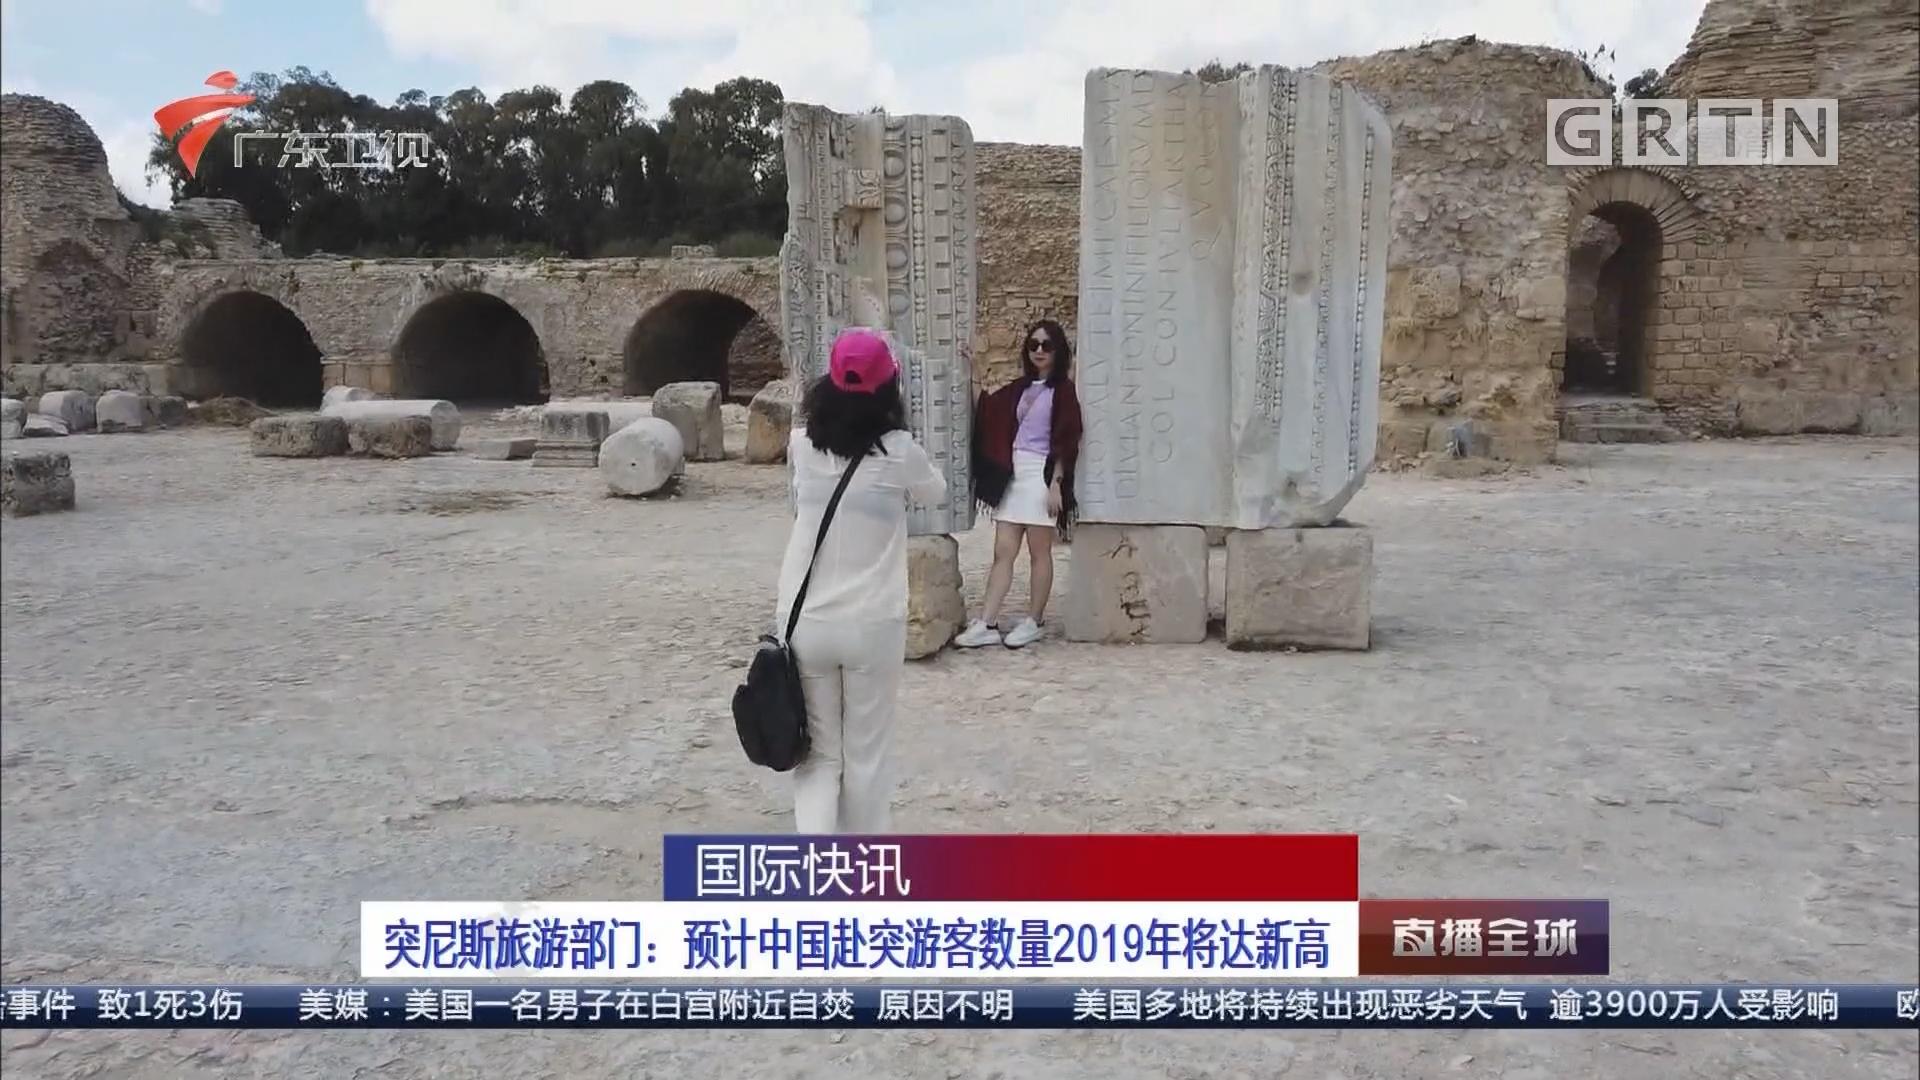 突尼斯旅游部门:预计中国赴突游客数量2019年将达新高